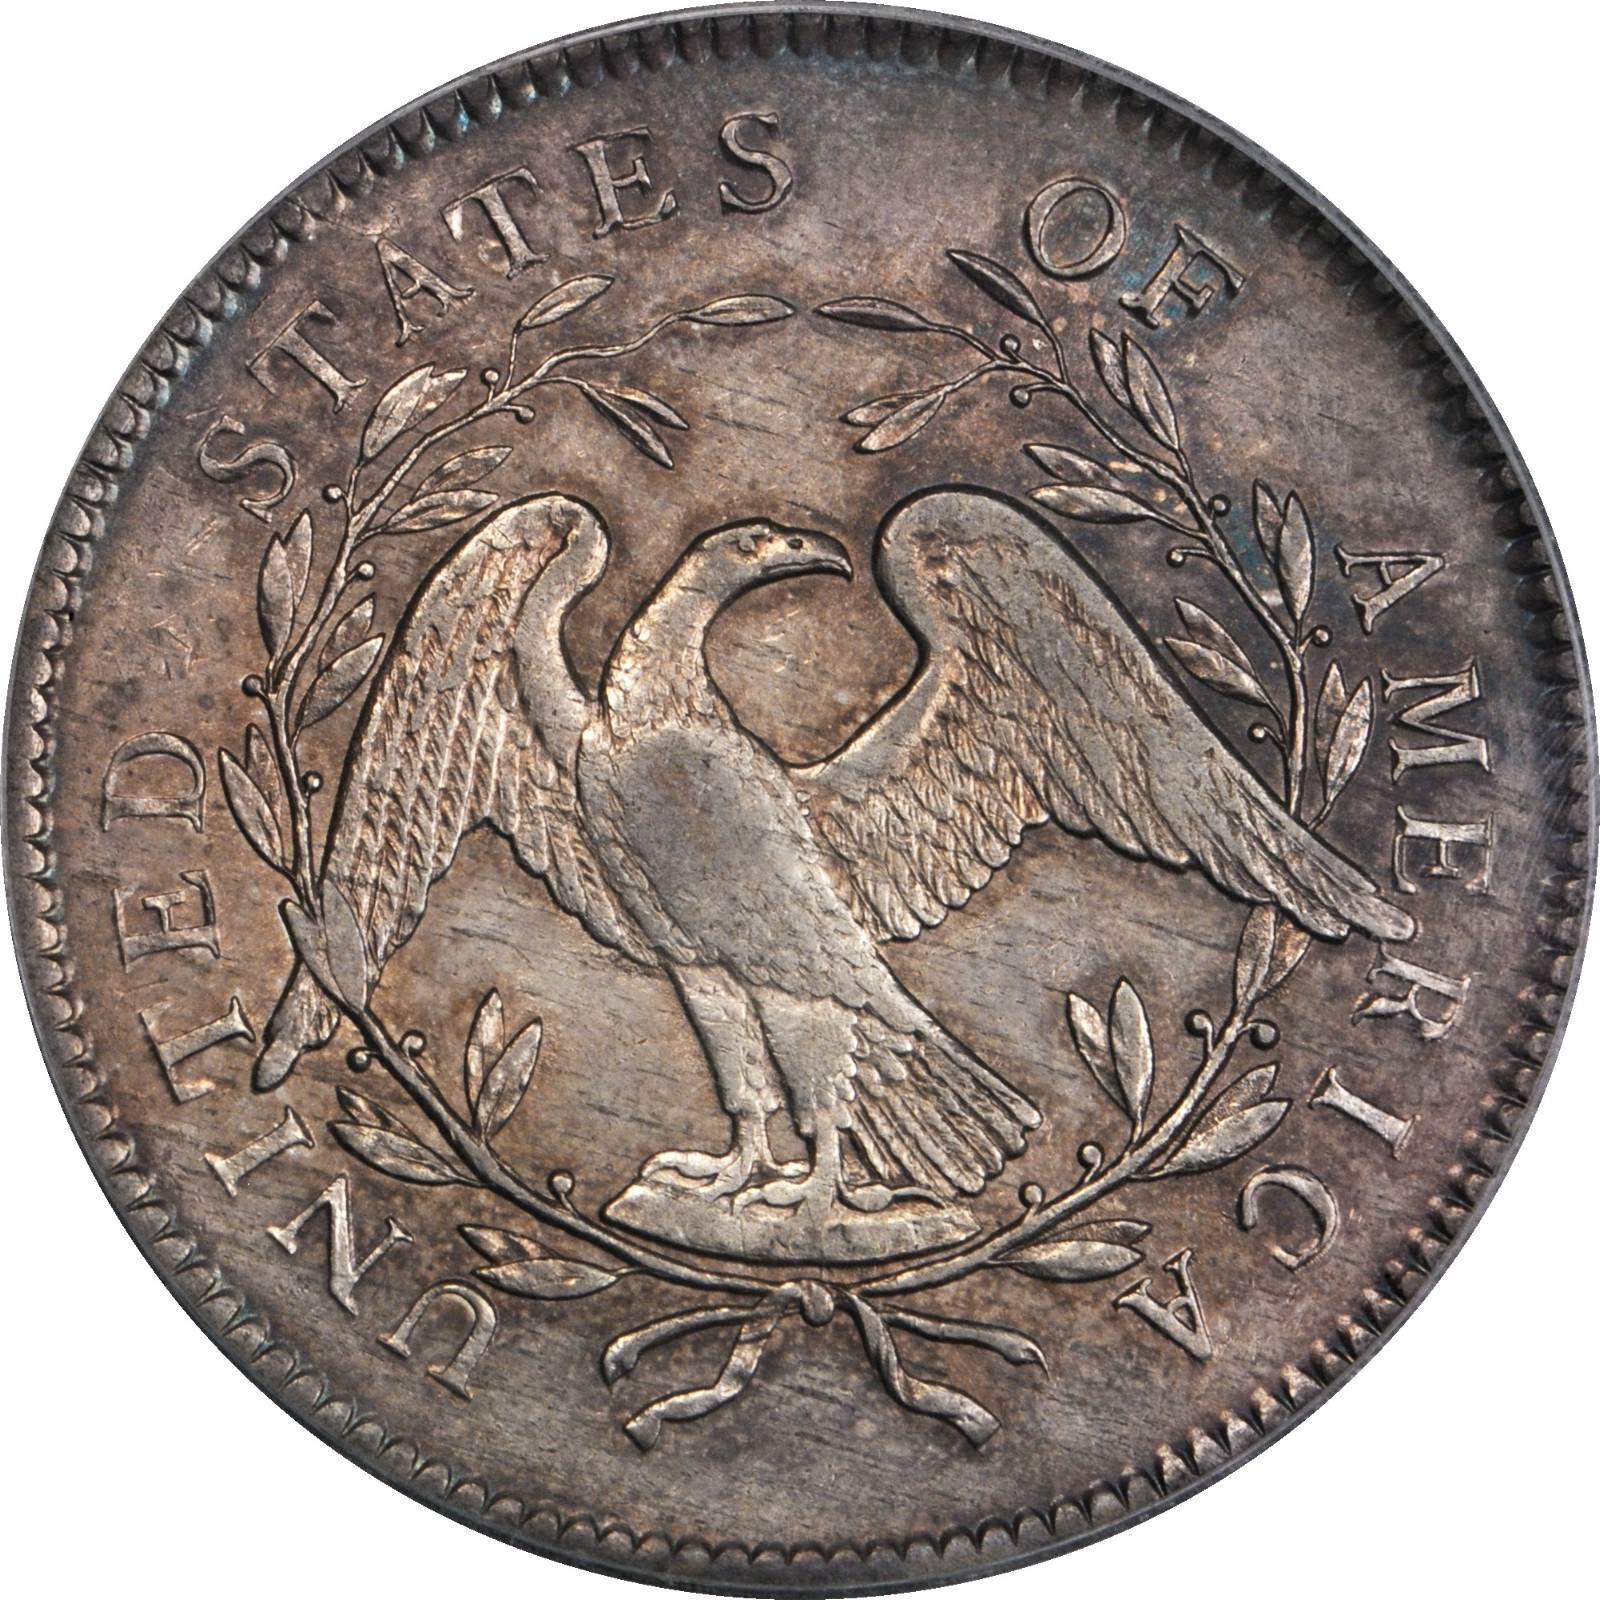 2017 5 dollar gold coin